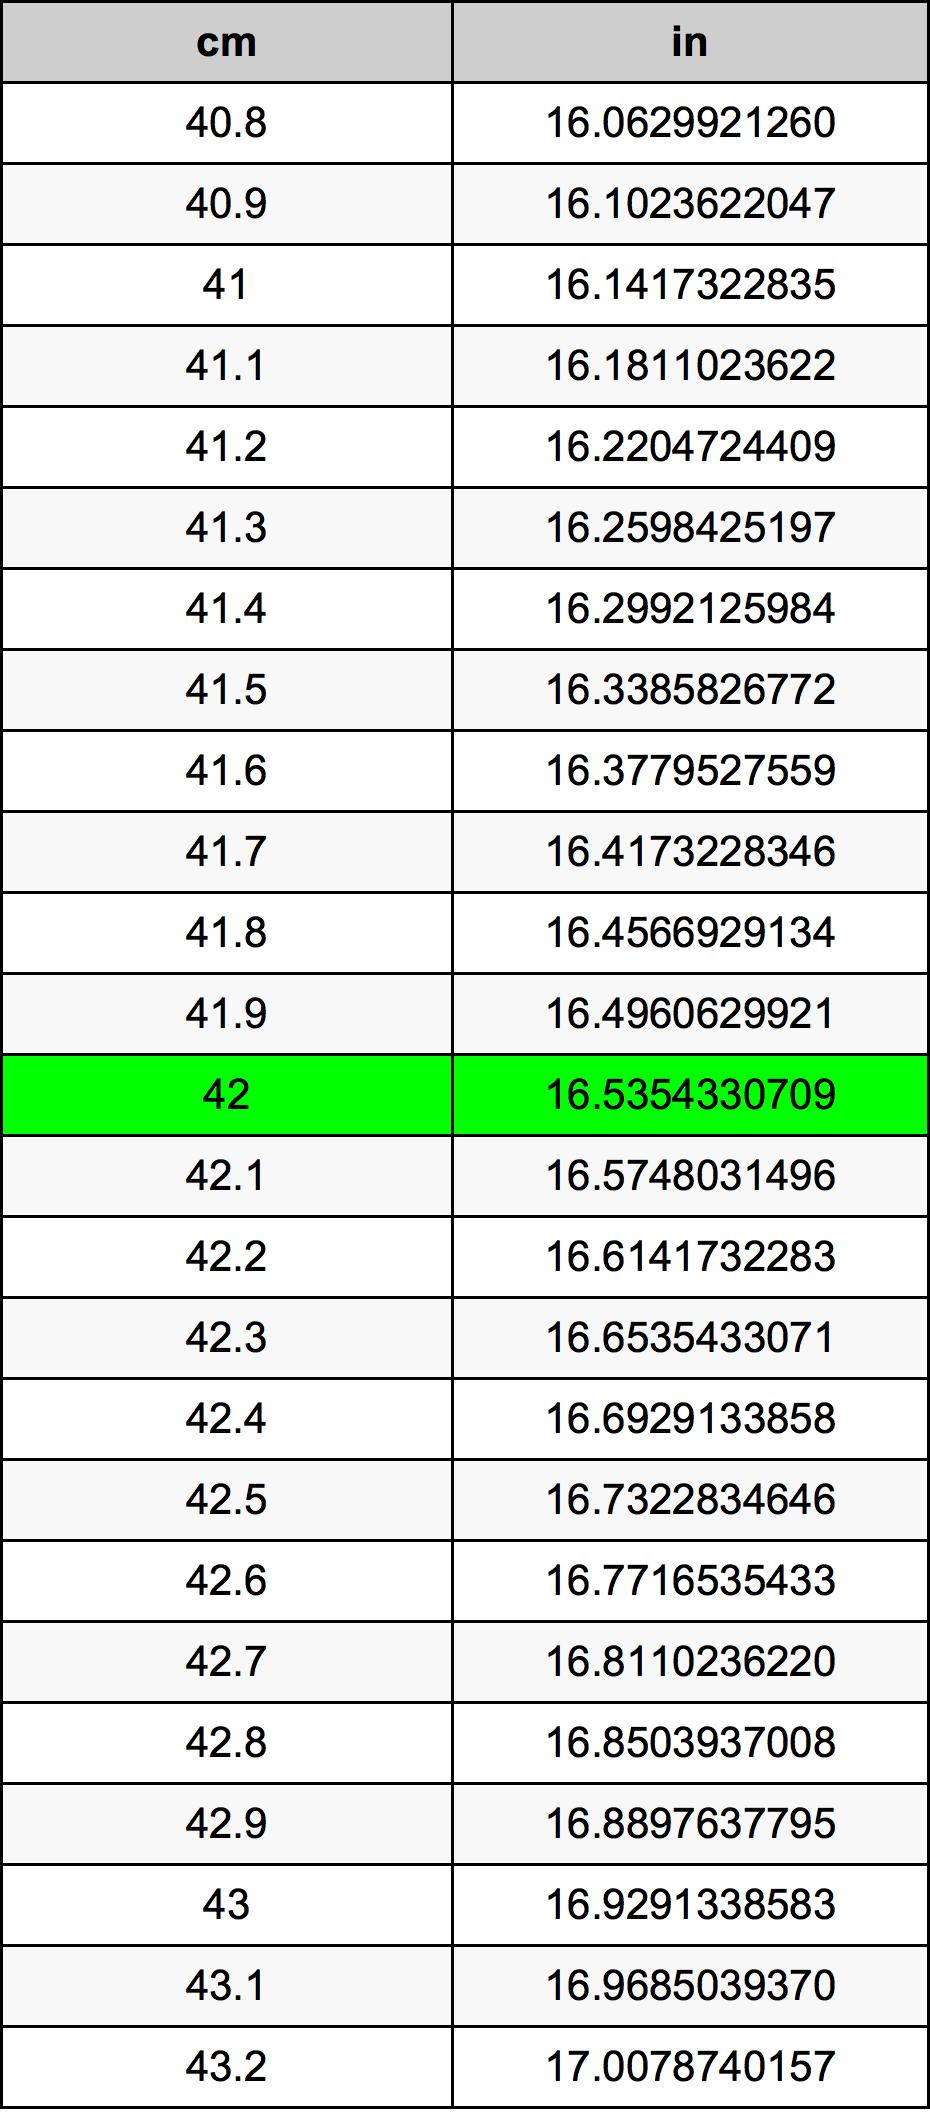 42センチメートル換算表